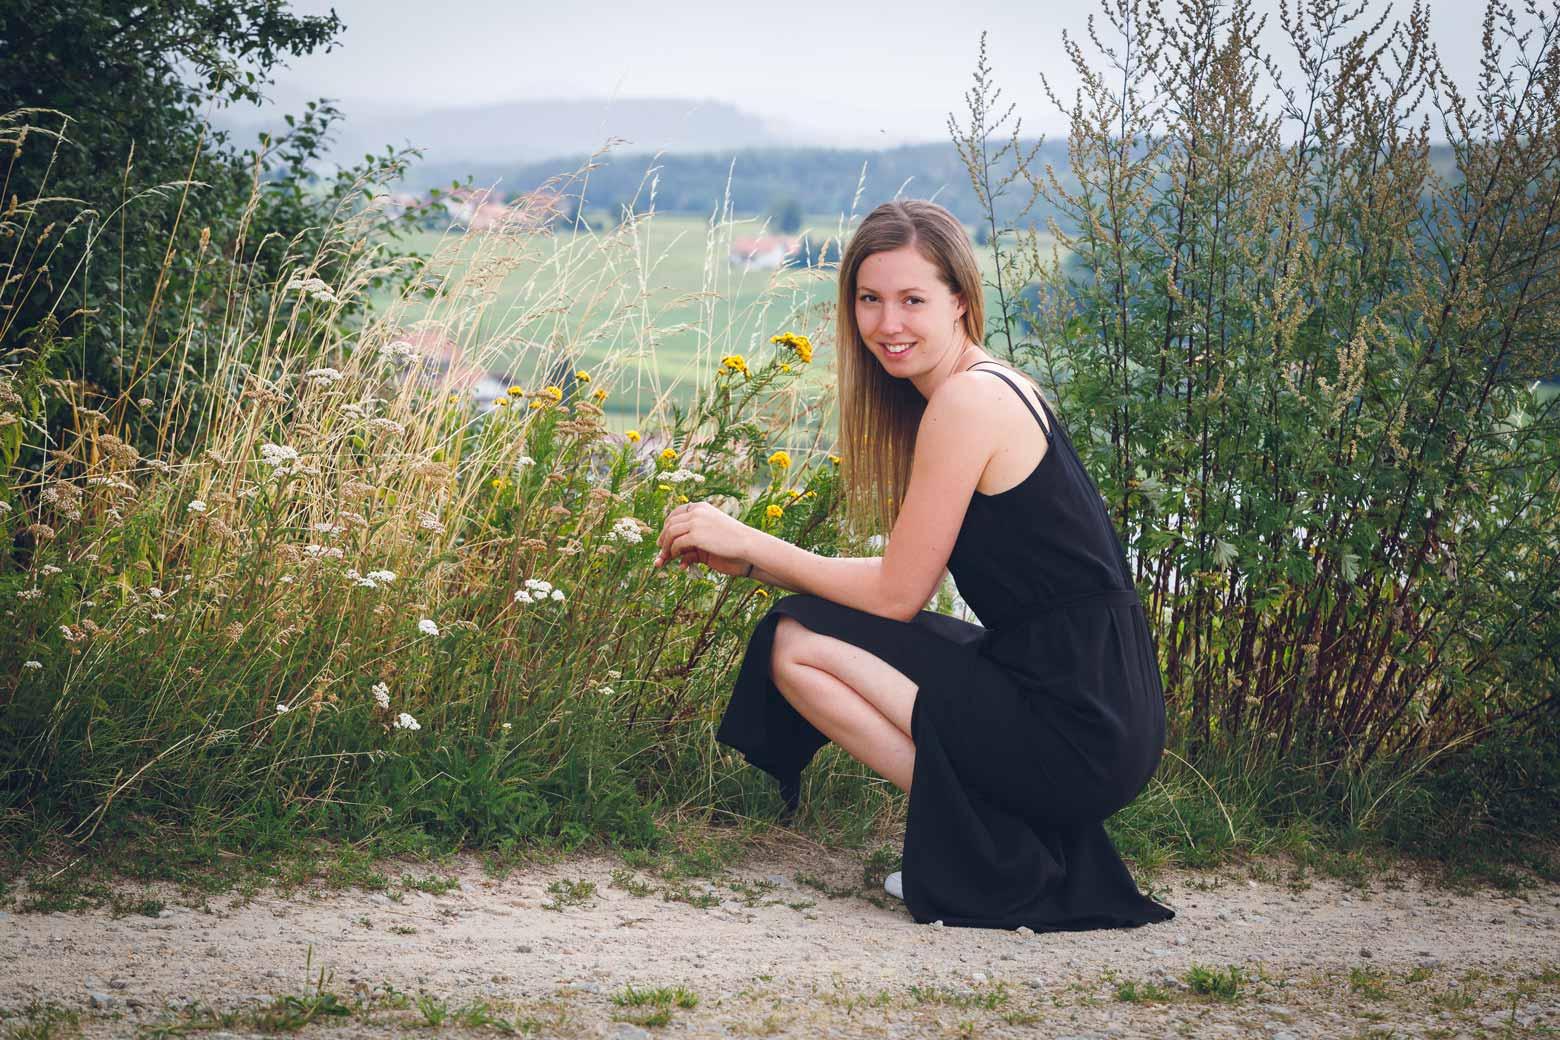 Malerische Portraits im Spätsommer am Drachensee IMG 9420w